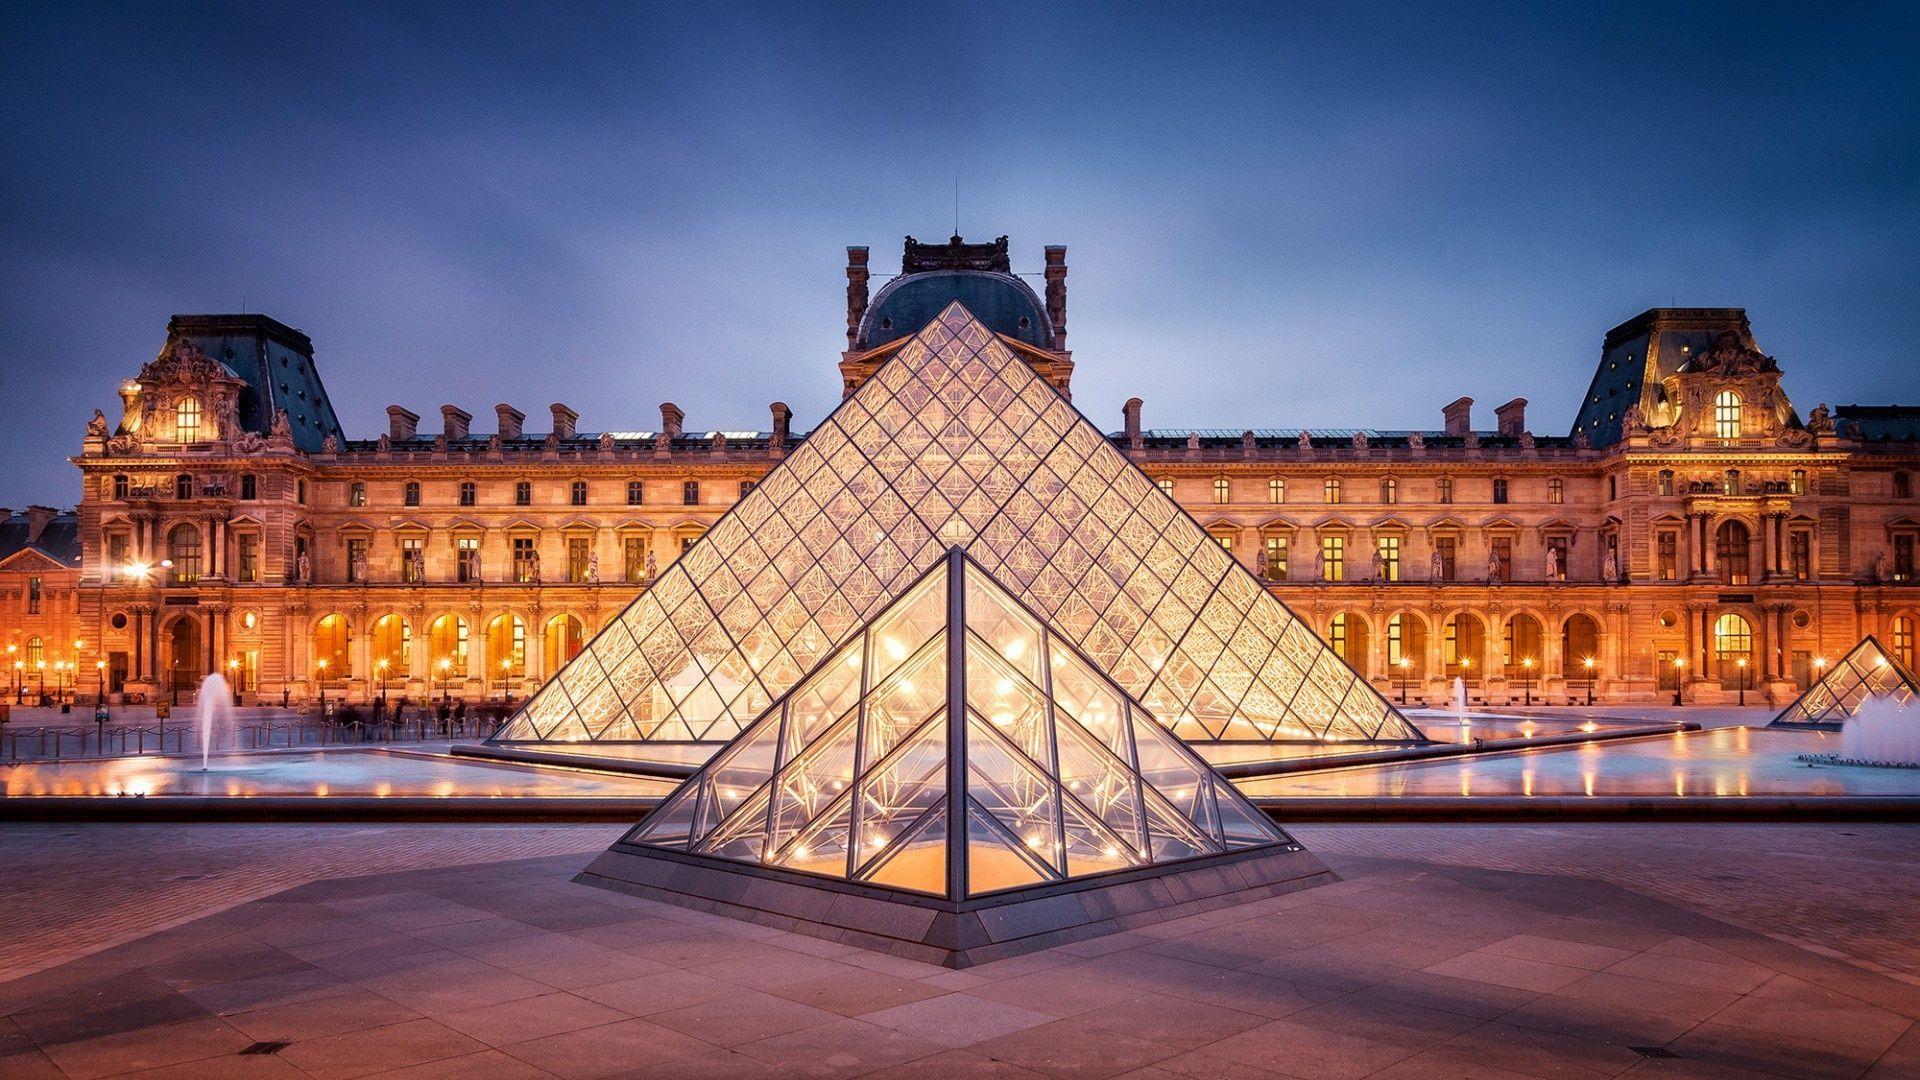 El museo del Louvre, ¿tiene esculturas precolombinas?